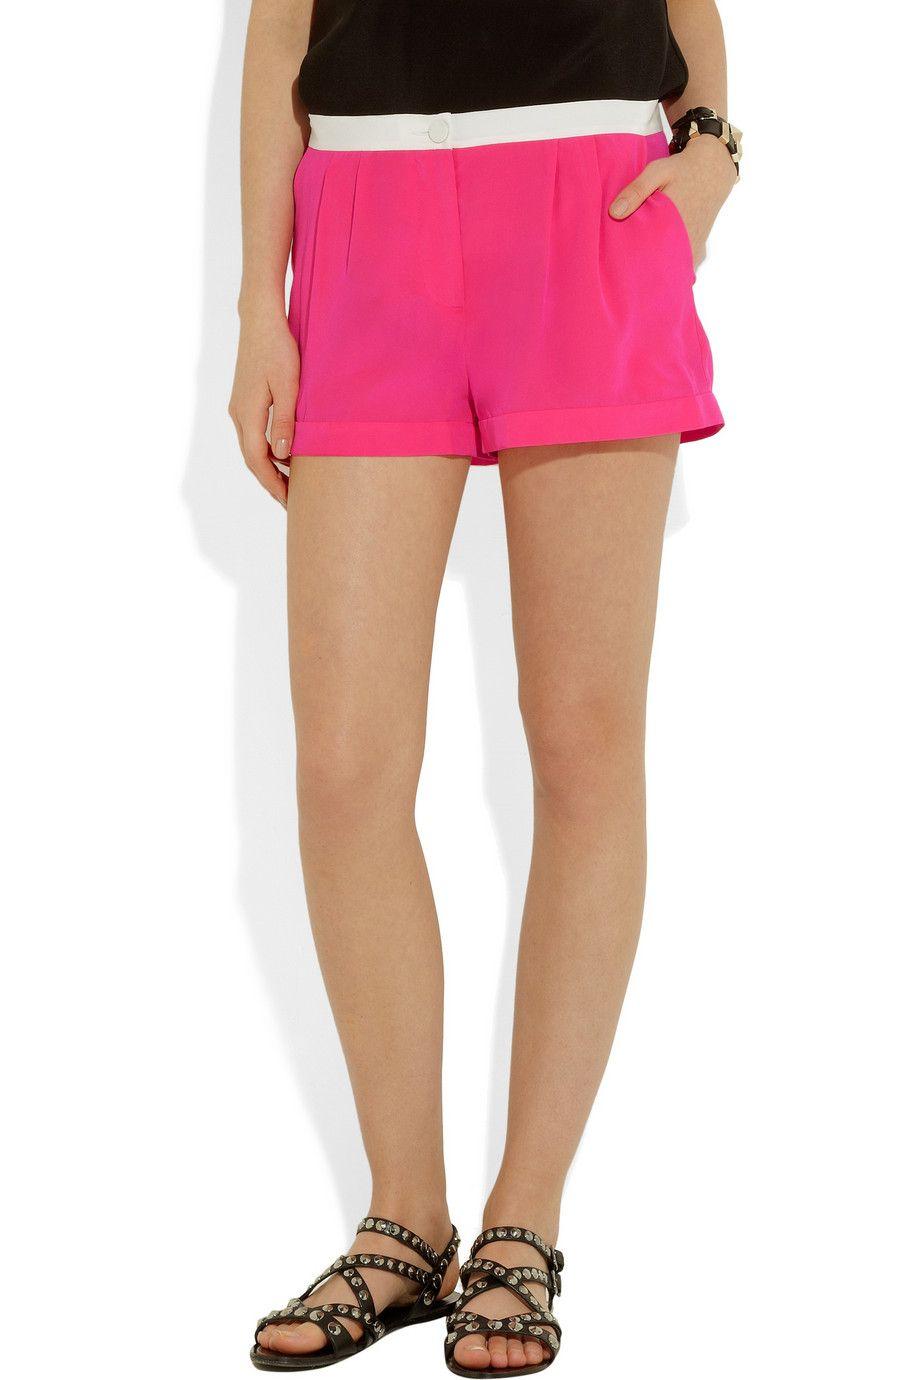 Hot Pink #shorts#pants Mason by Michelle Mason